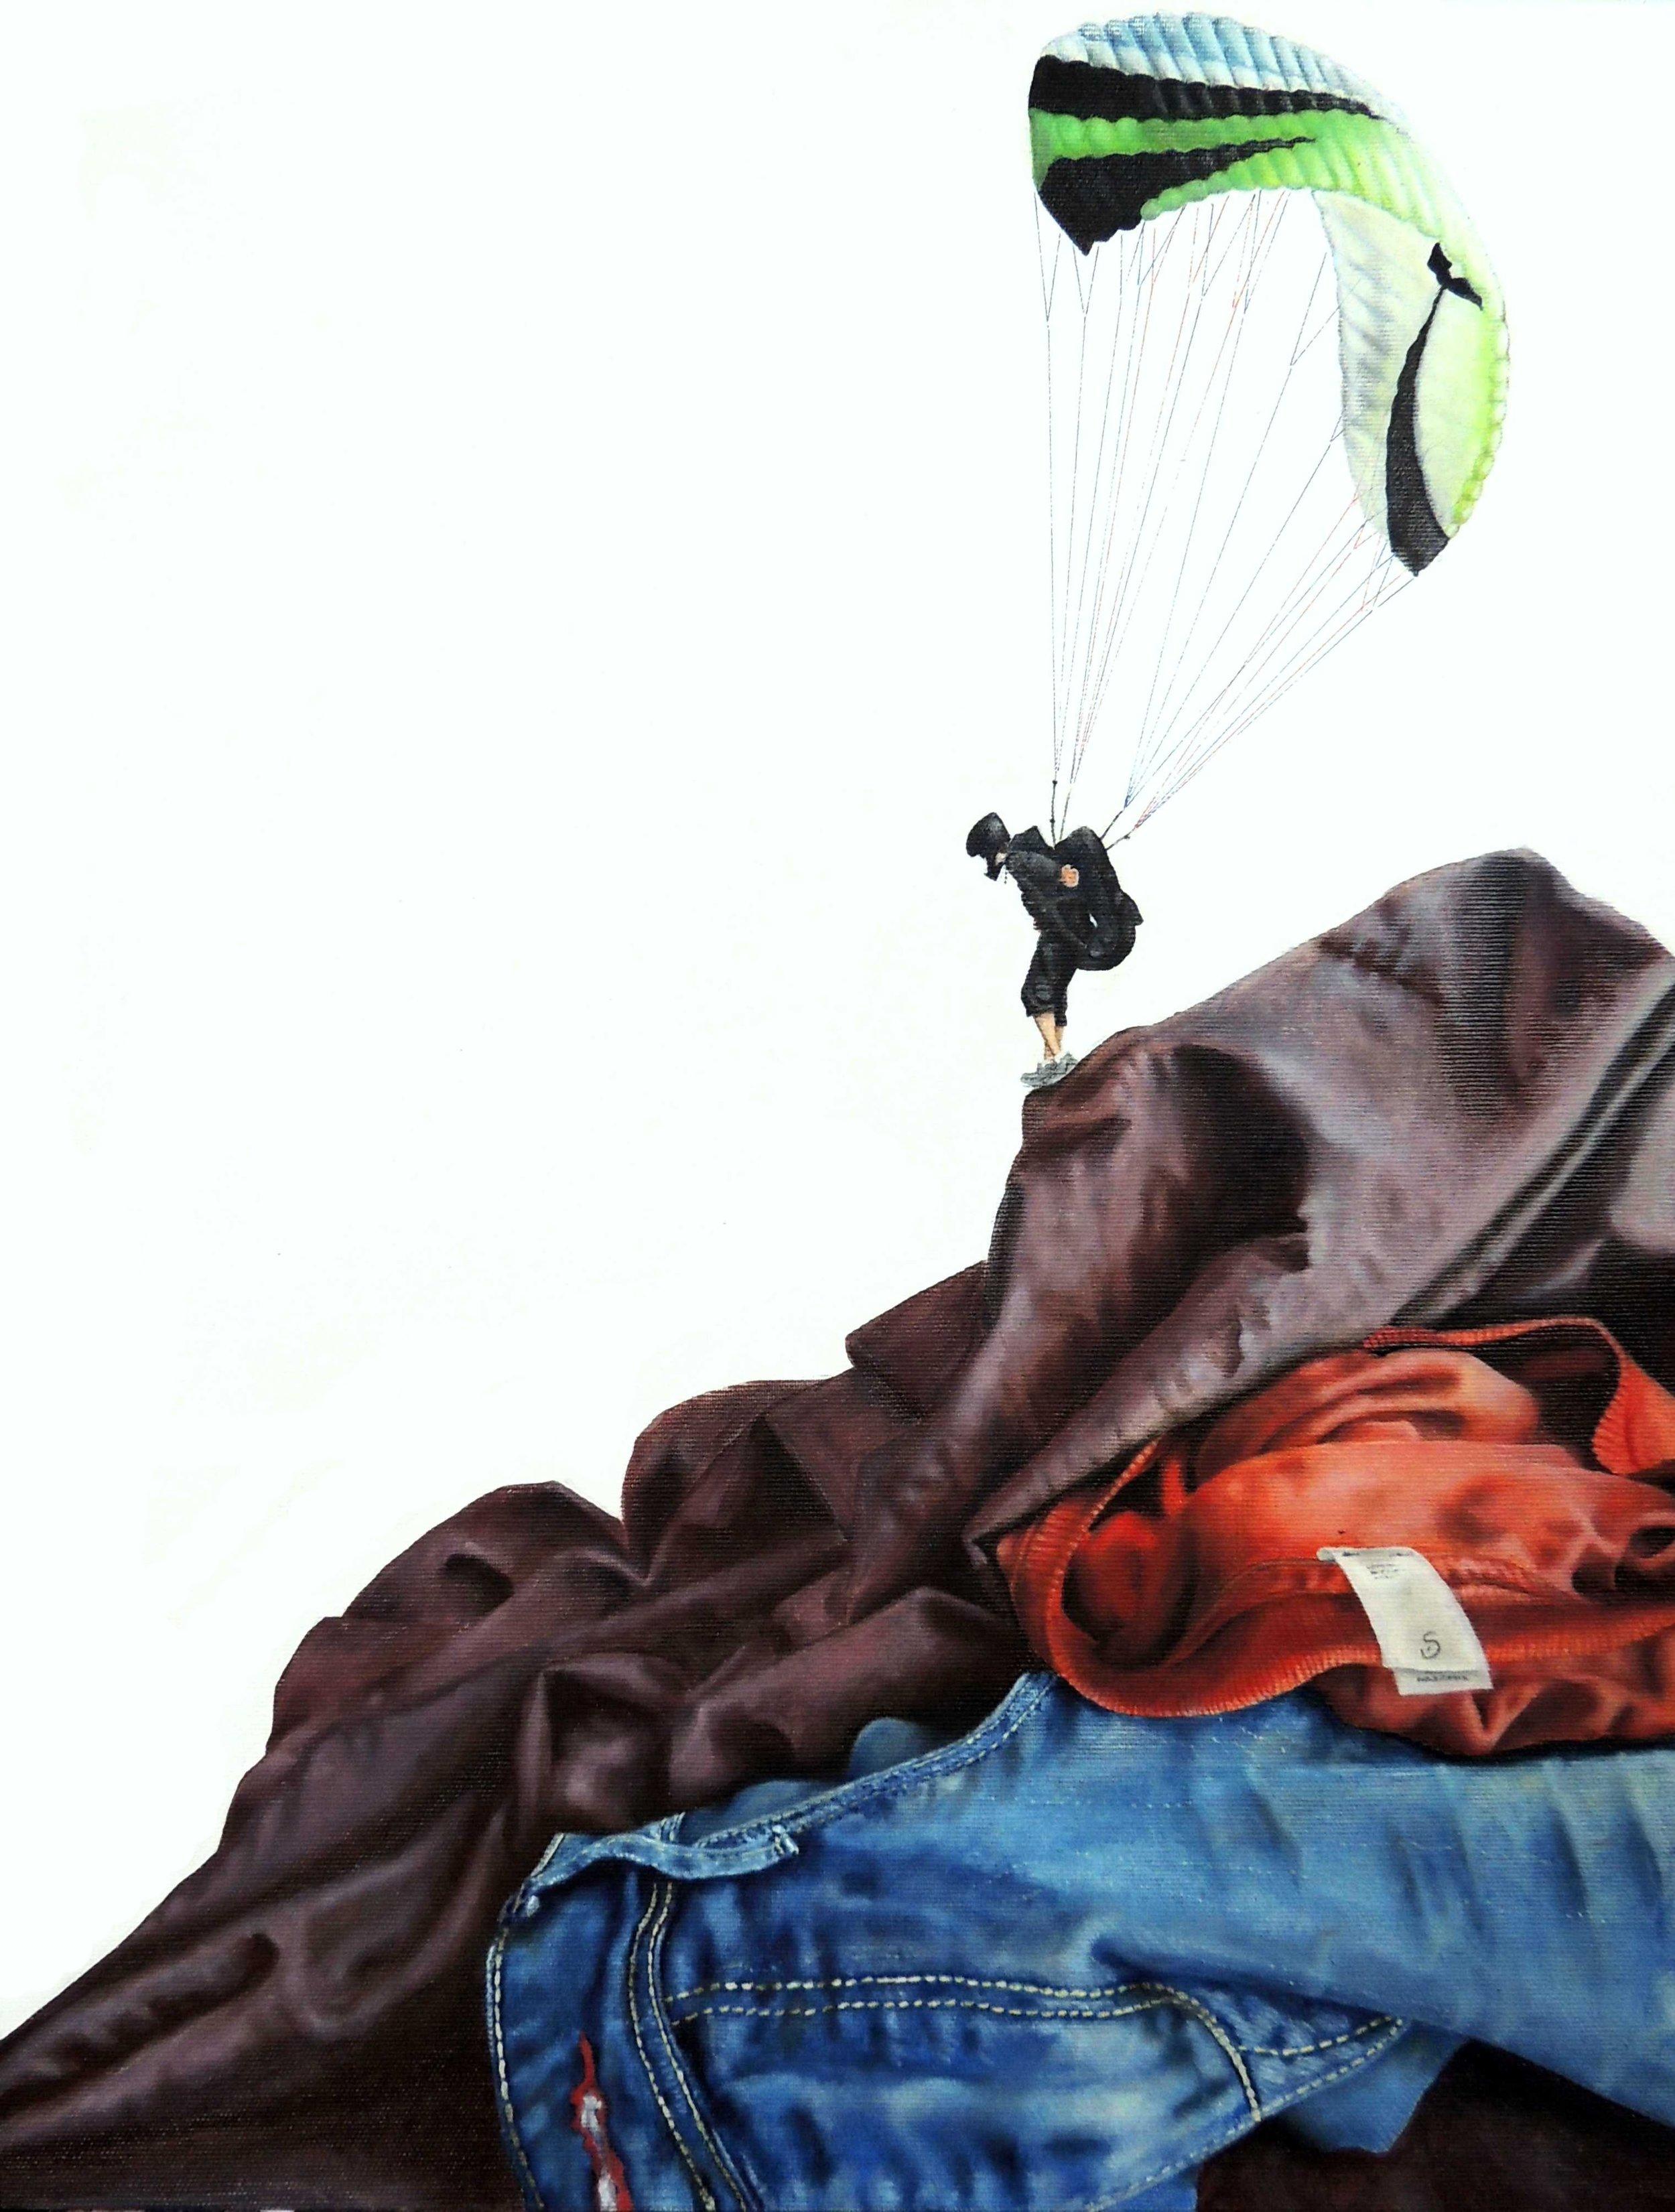 Flying over dress code